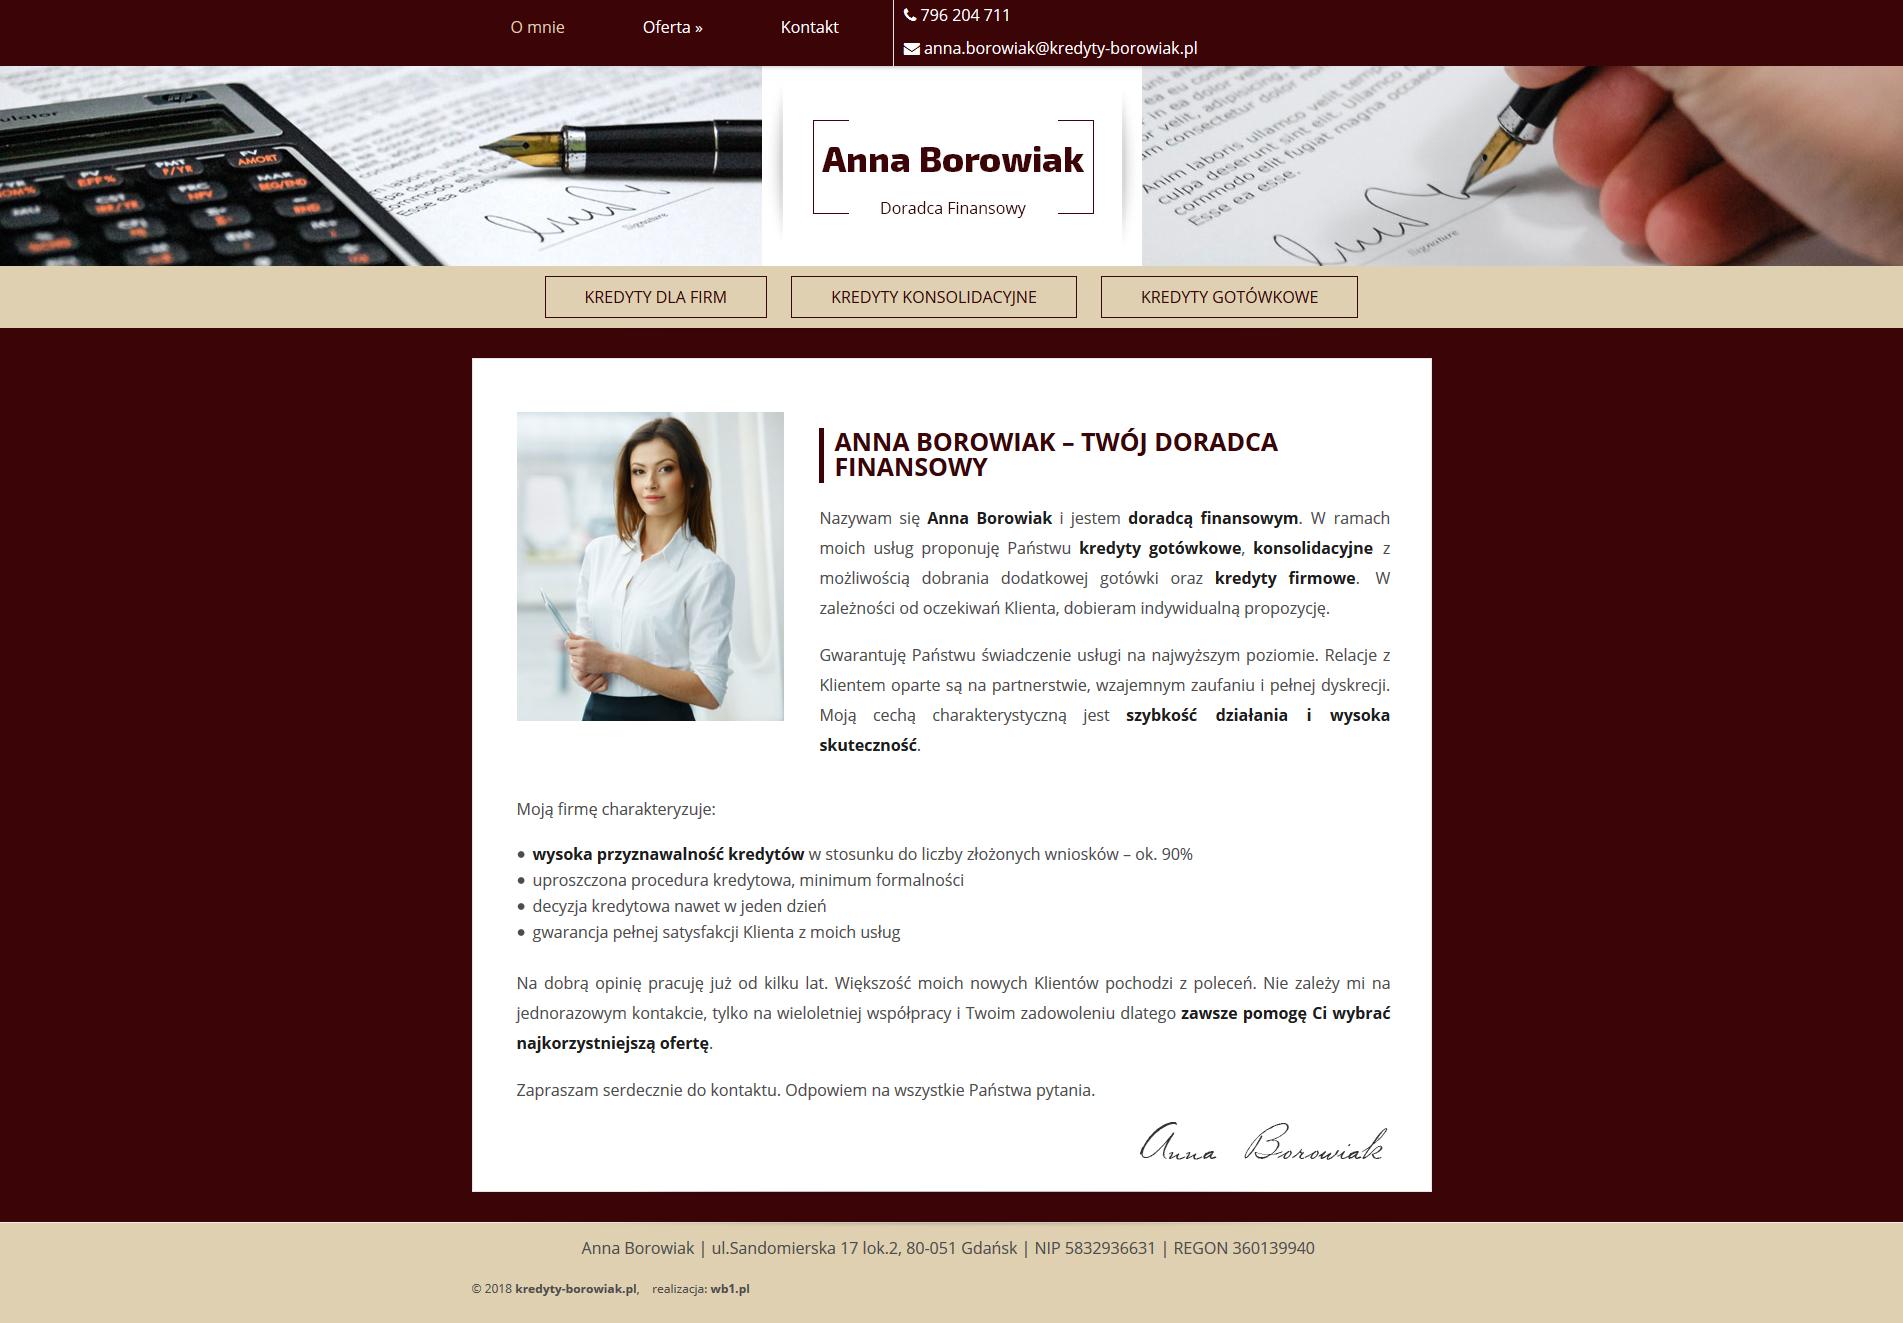 doradca-finansowy-anna-borowiak-kredyty1